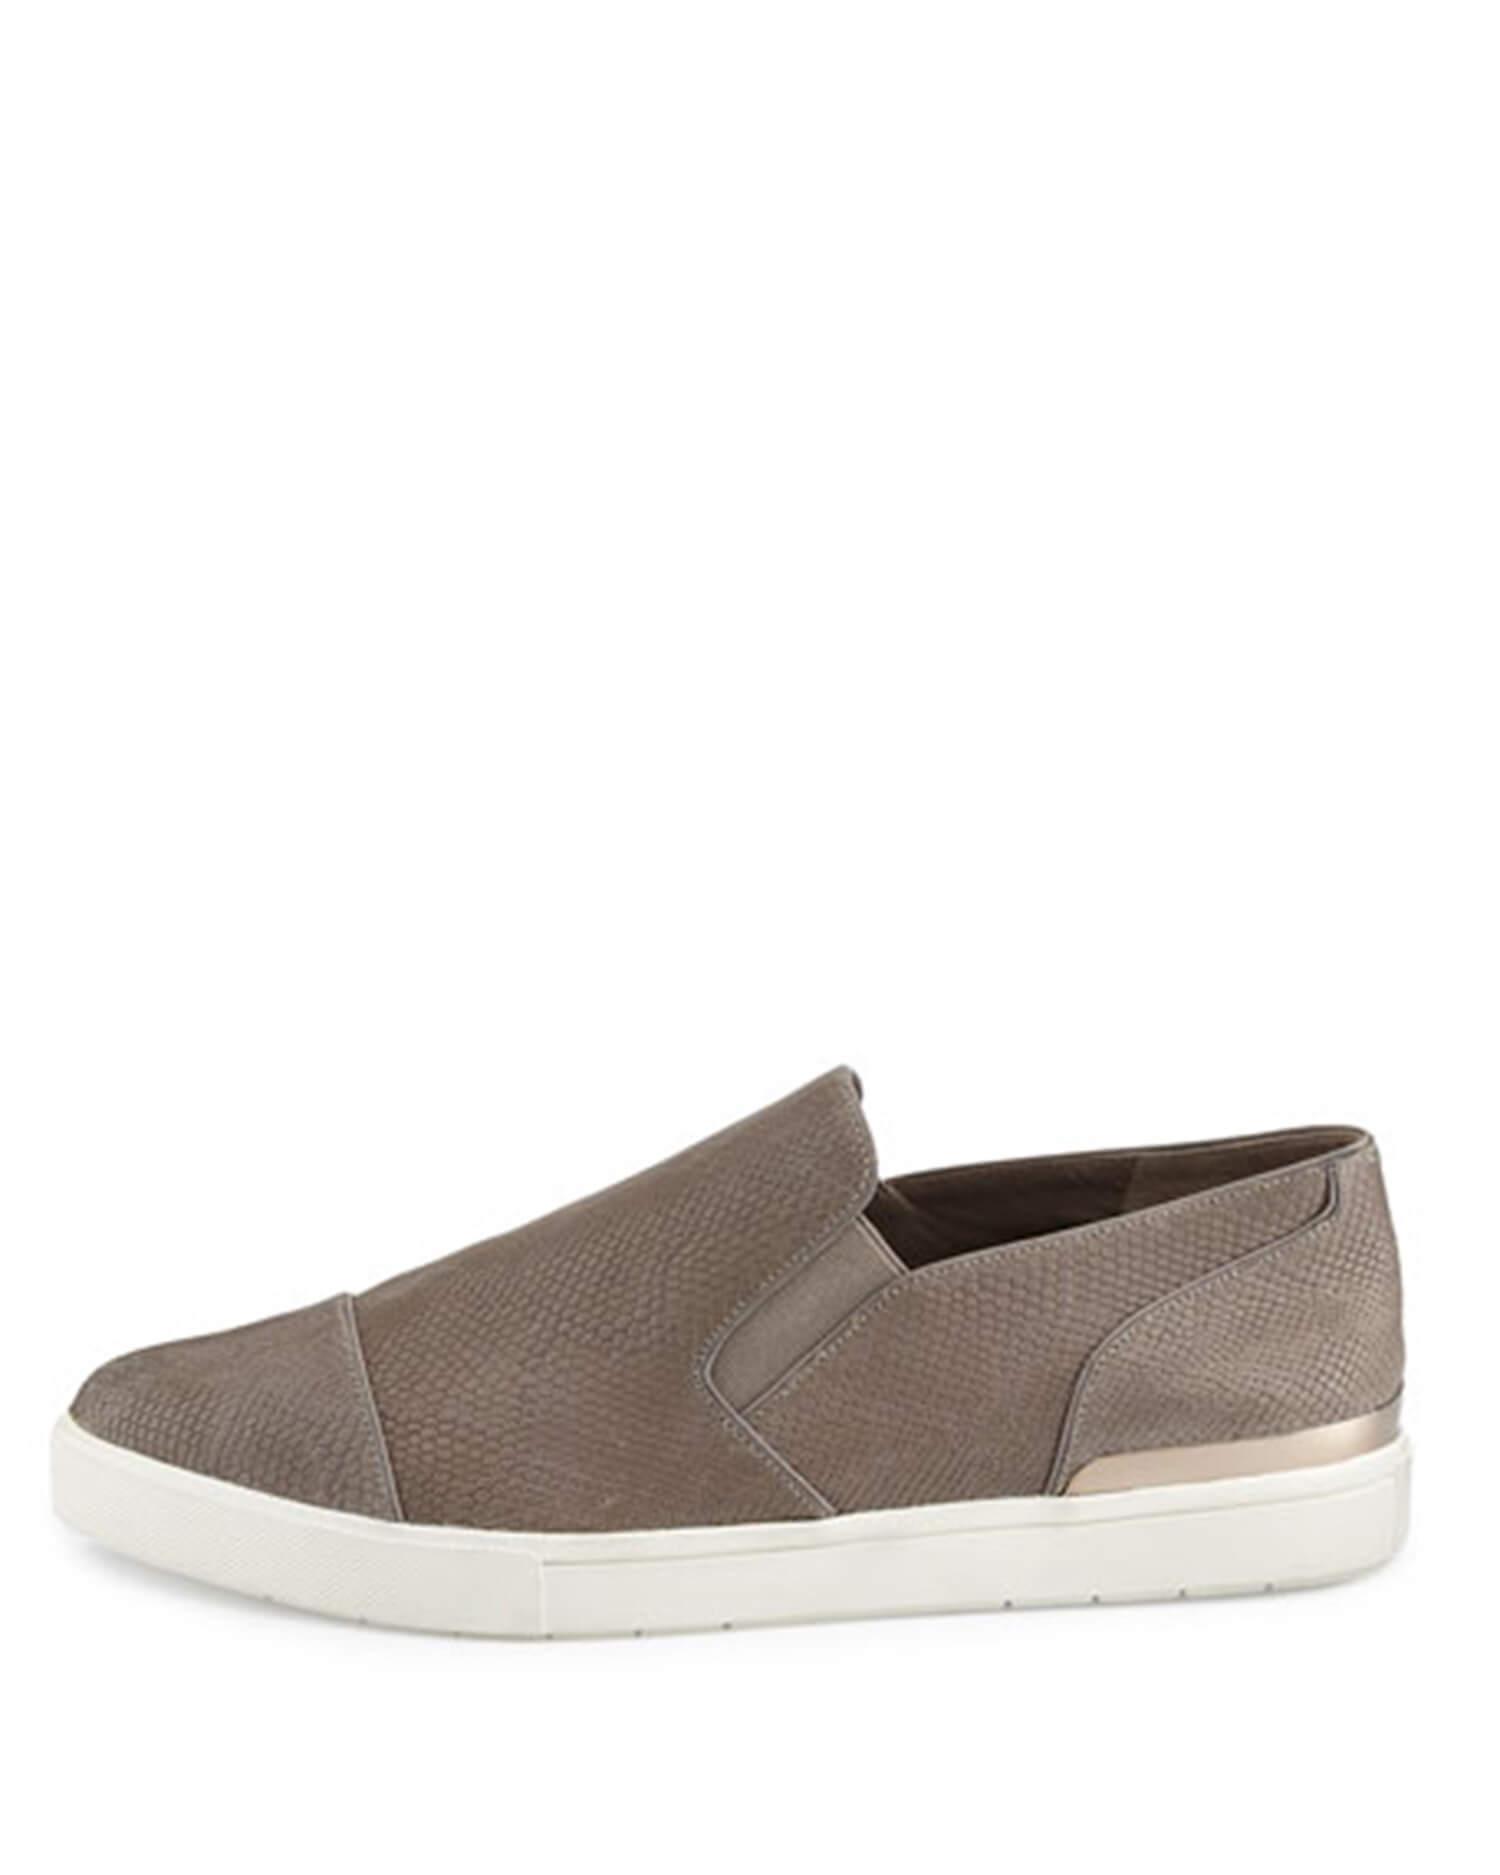 est-living-top-ten-sneakers-vince